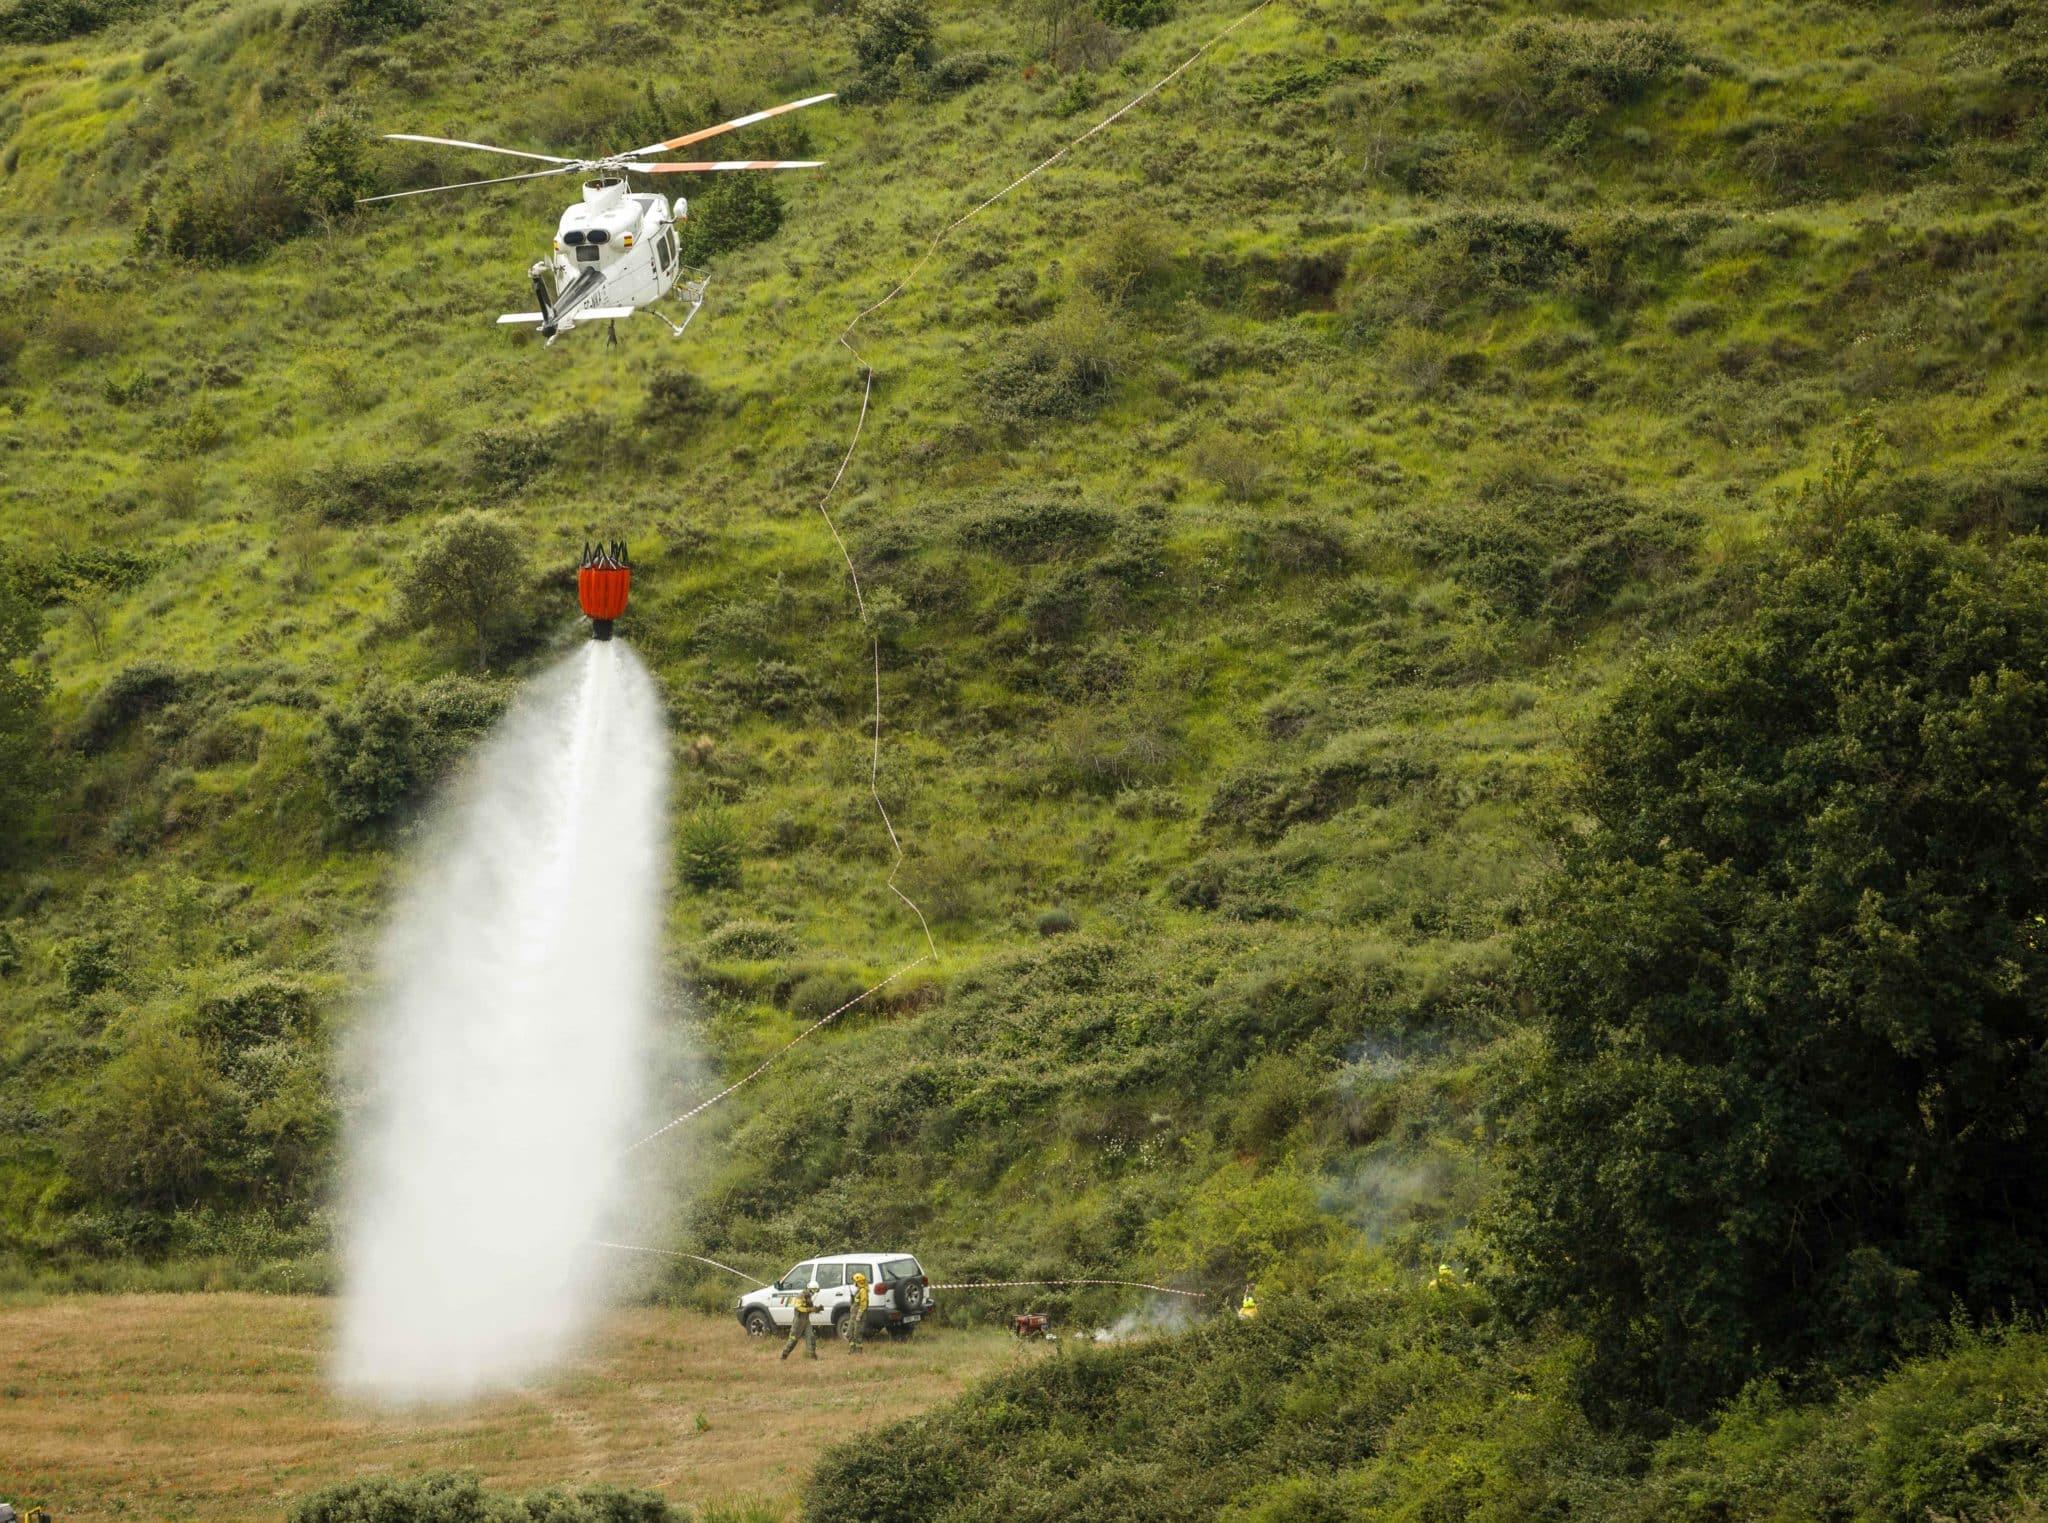 La Rioja contra los incendios forestales: más de 300 profesionales y casi 8,5 millones de presupuesto 9